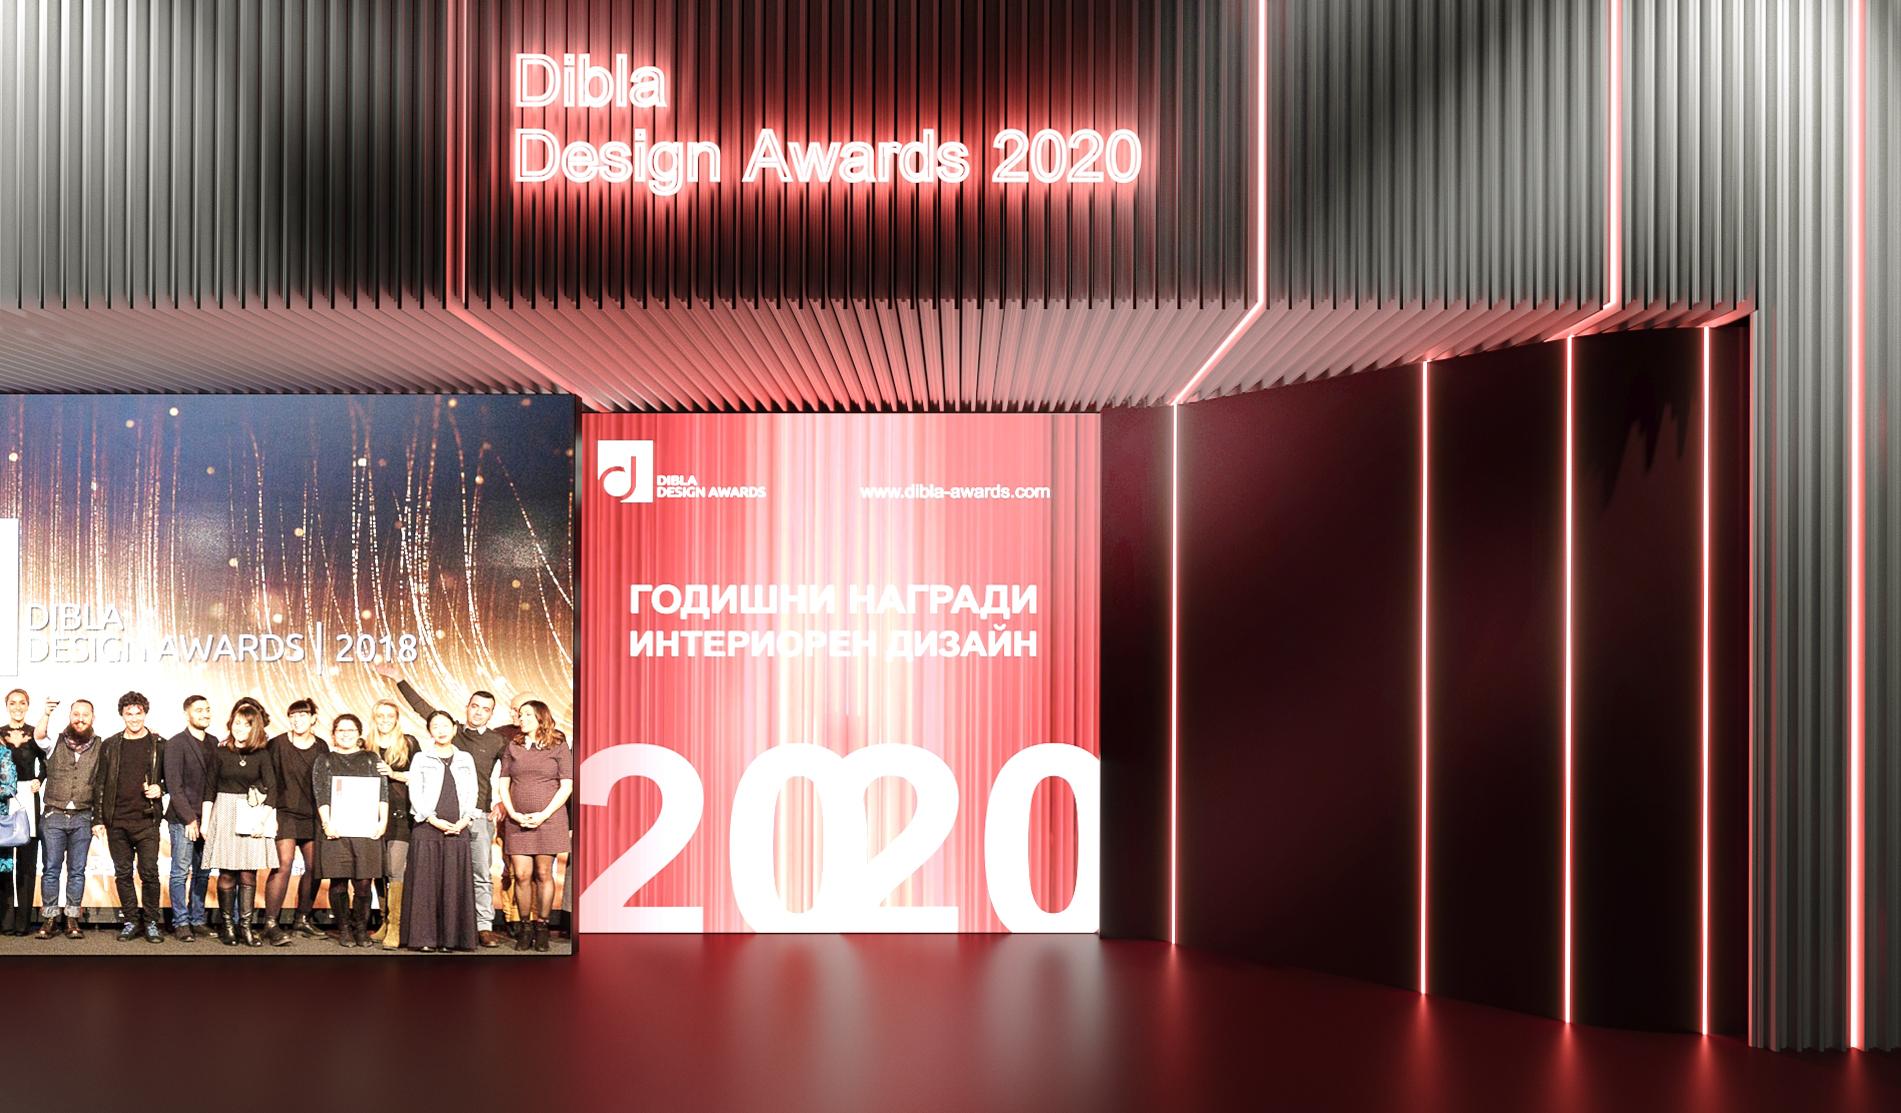 DIBLA DESIGN AWARDS 2020: възможности и ползи в новия формат на изданието